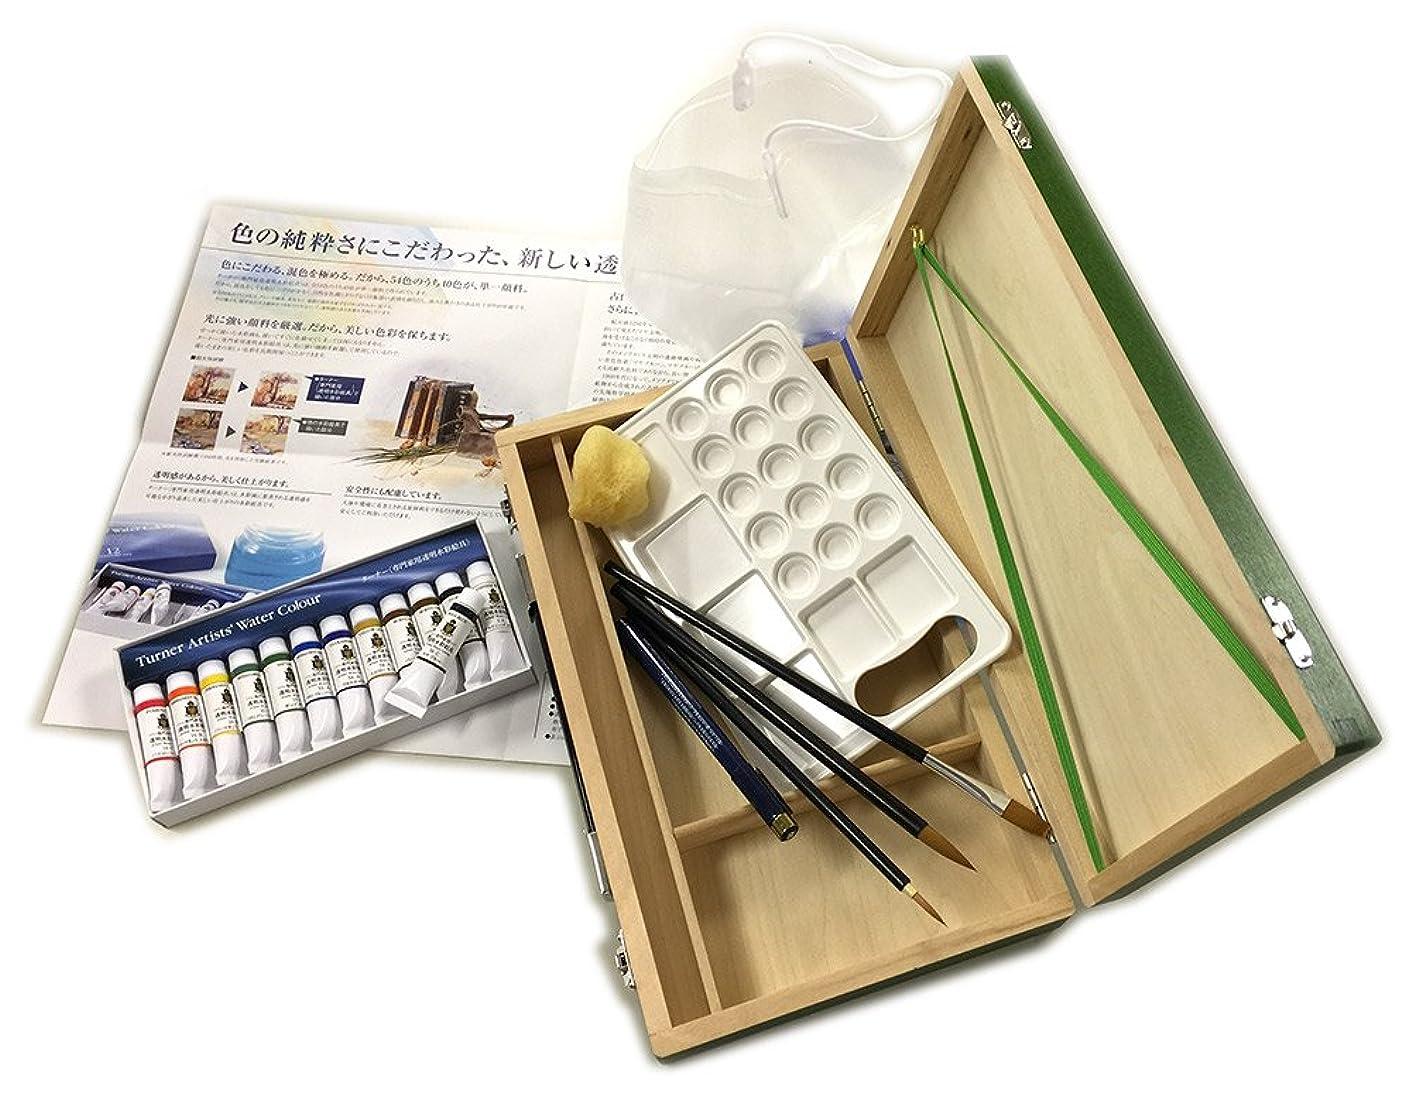 参照する勇者杖木箱に入った専門家用透明絵具13色セット アートウェーブオリジナル水彩木箱セット 画箱:緑色